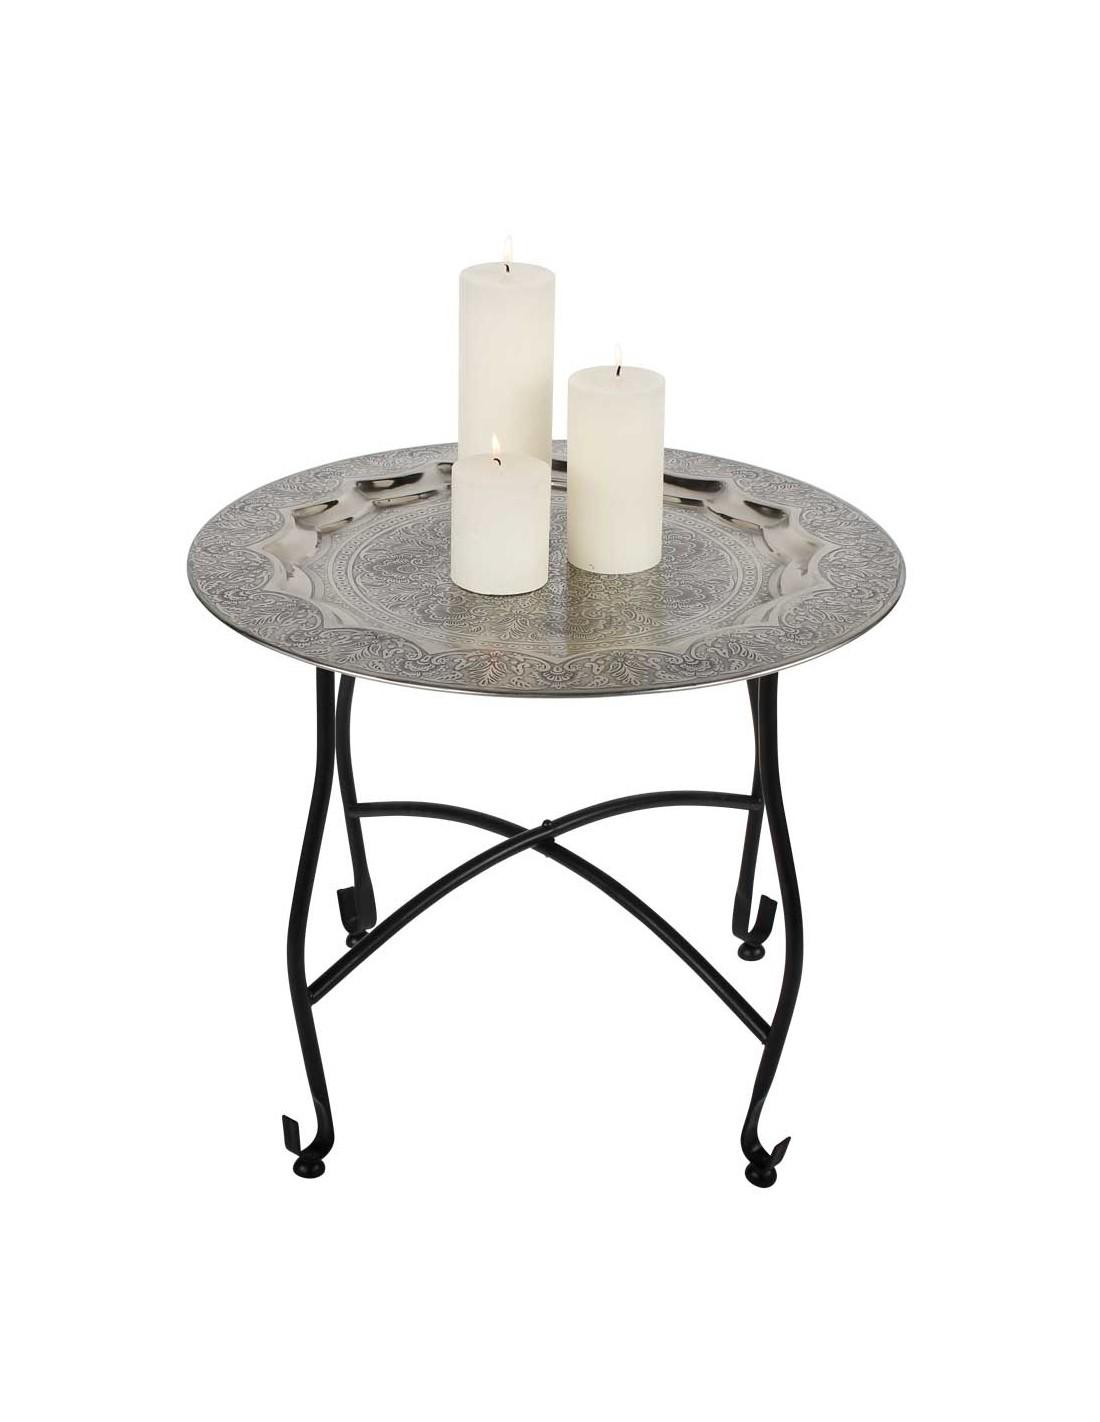 orientalischer beistelltisch mit tablett aus metall. Black Bedroom Furniture Sets. Home Design Ideas